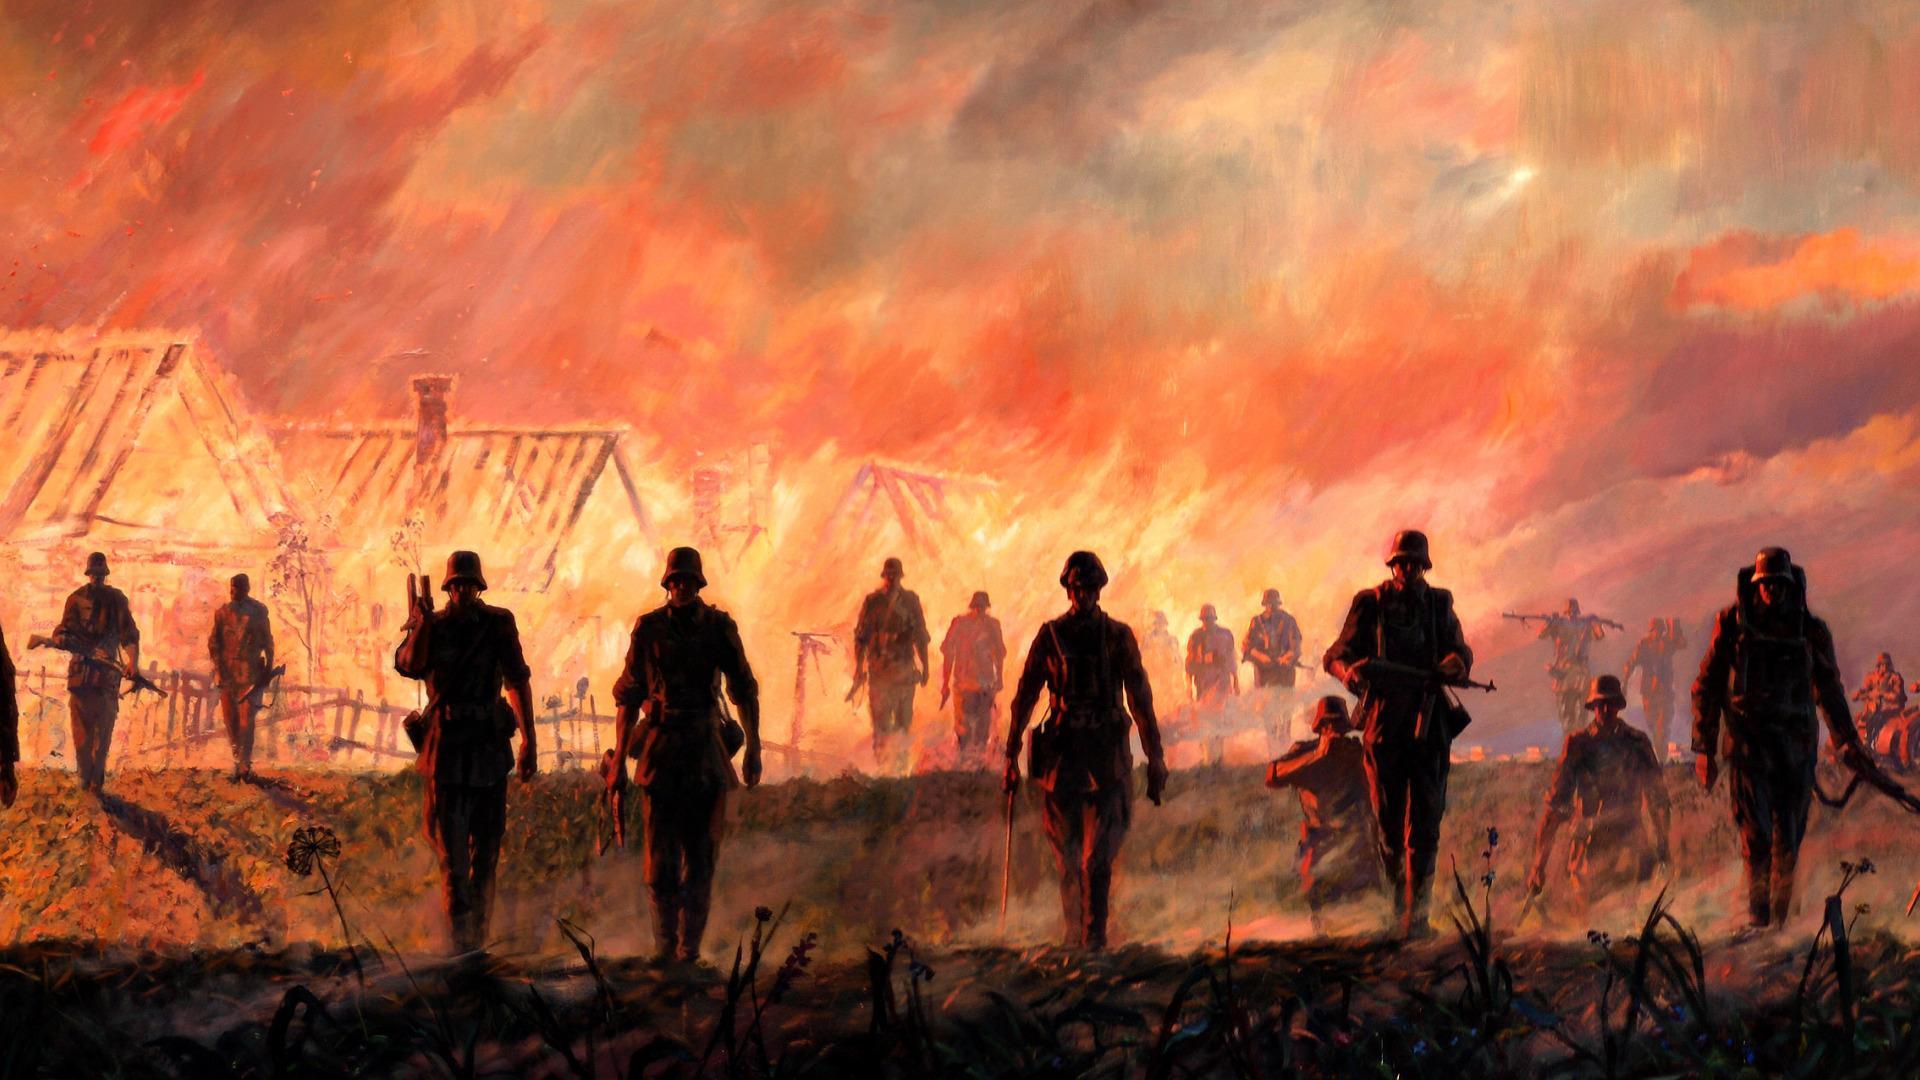 Забыть нельзя! Сожжённые заживо во времена Великой Отечественной войны жители деревни Чертовка